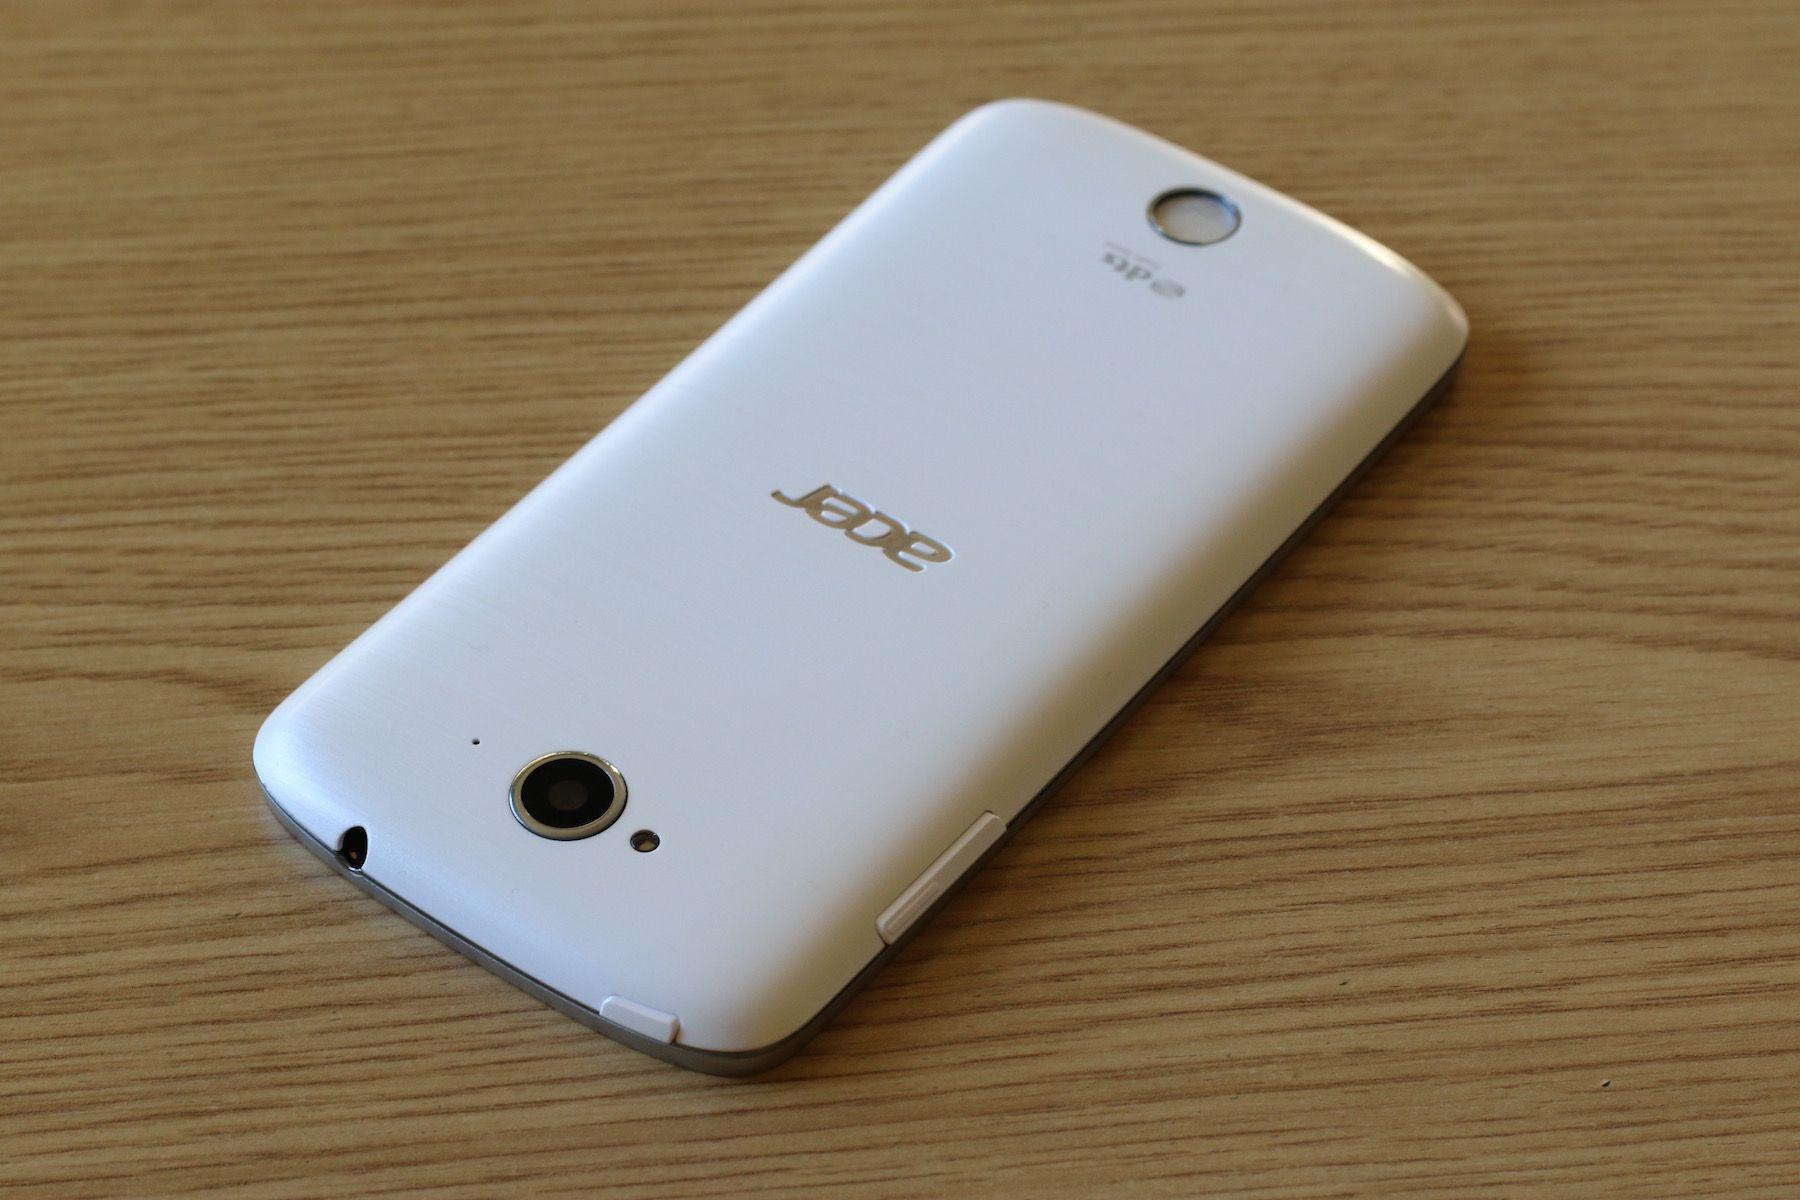 Acer Liquid Z530 Recenzija Jade S55 Dual Sim Moemo Svrstati U Prosjek 5 Innih Kad Su Ukupni Gabariti Pitanju To Se Ne Moe Rei Za Njegovu Masu Od 145 Grama